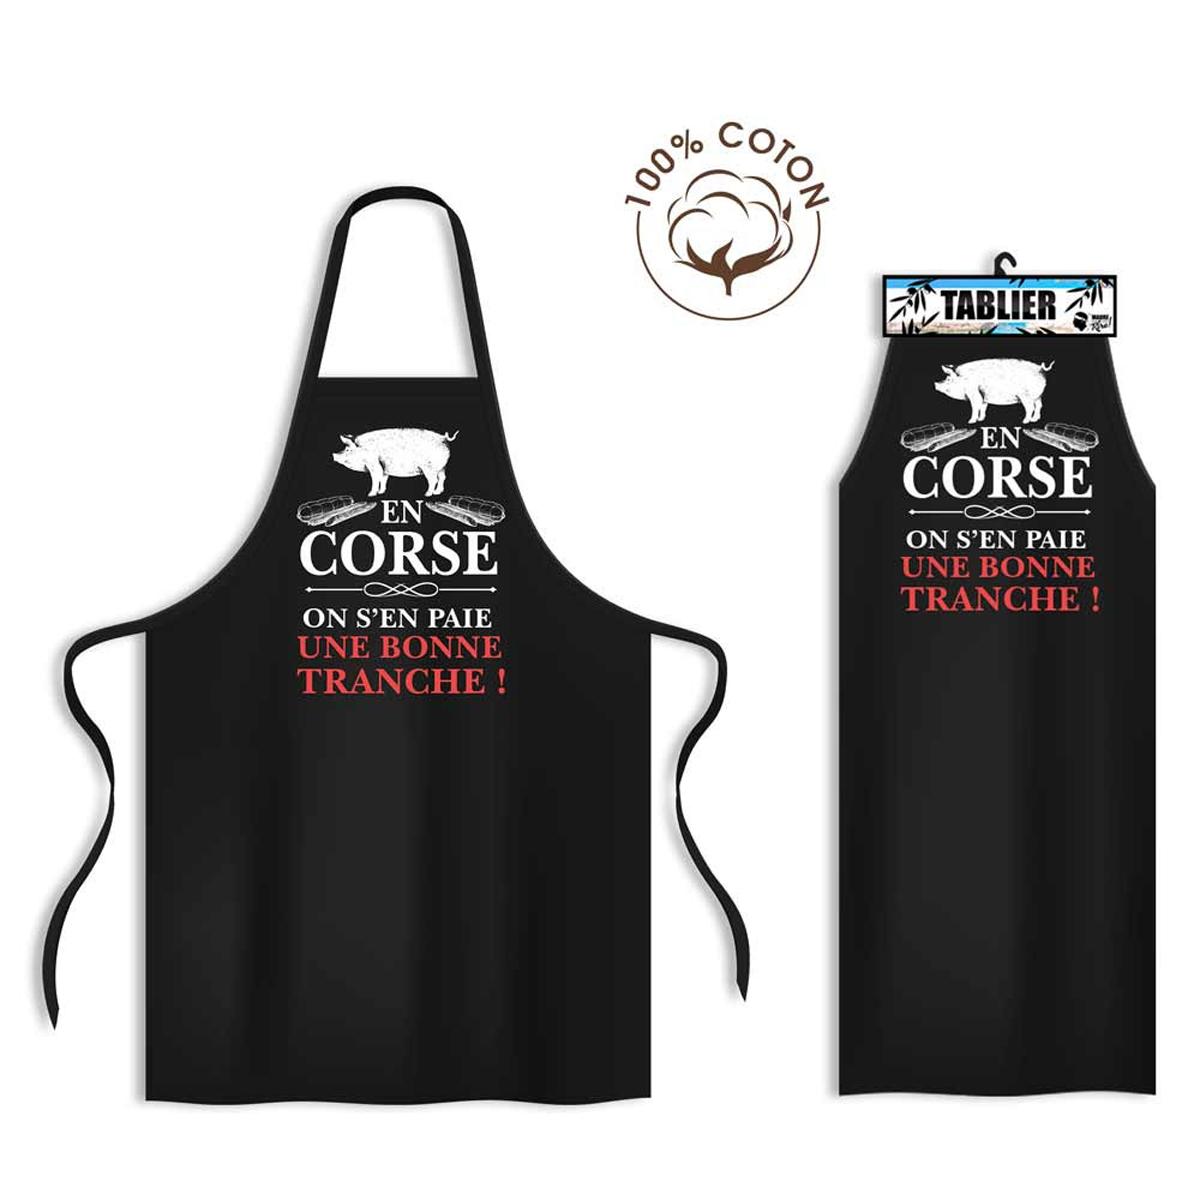 Tablier coton \'Corse\' noir (En Corse, on s\'en paie une bonne tranche !) - 80x70 cm - [R1632]